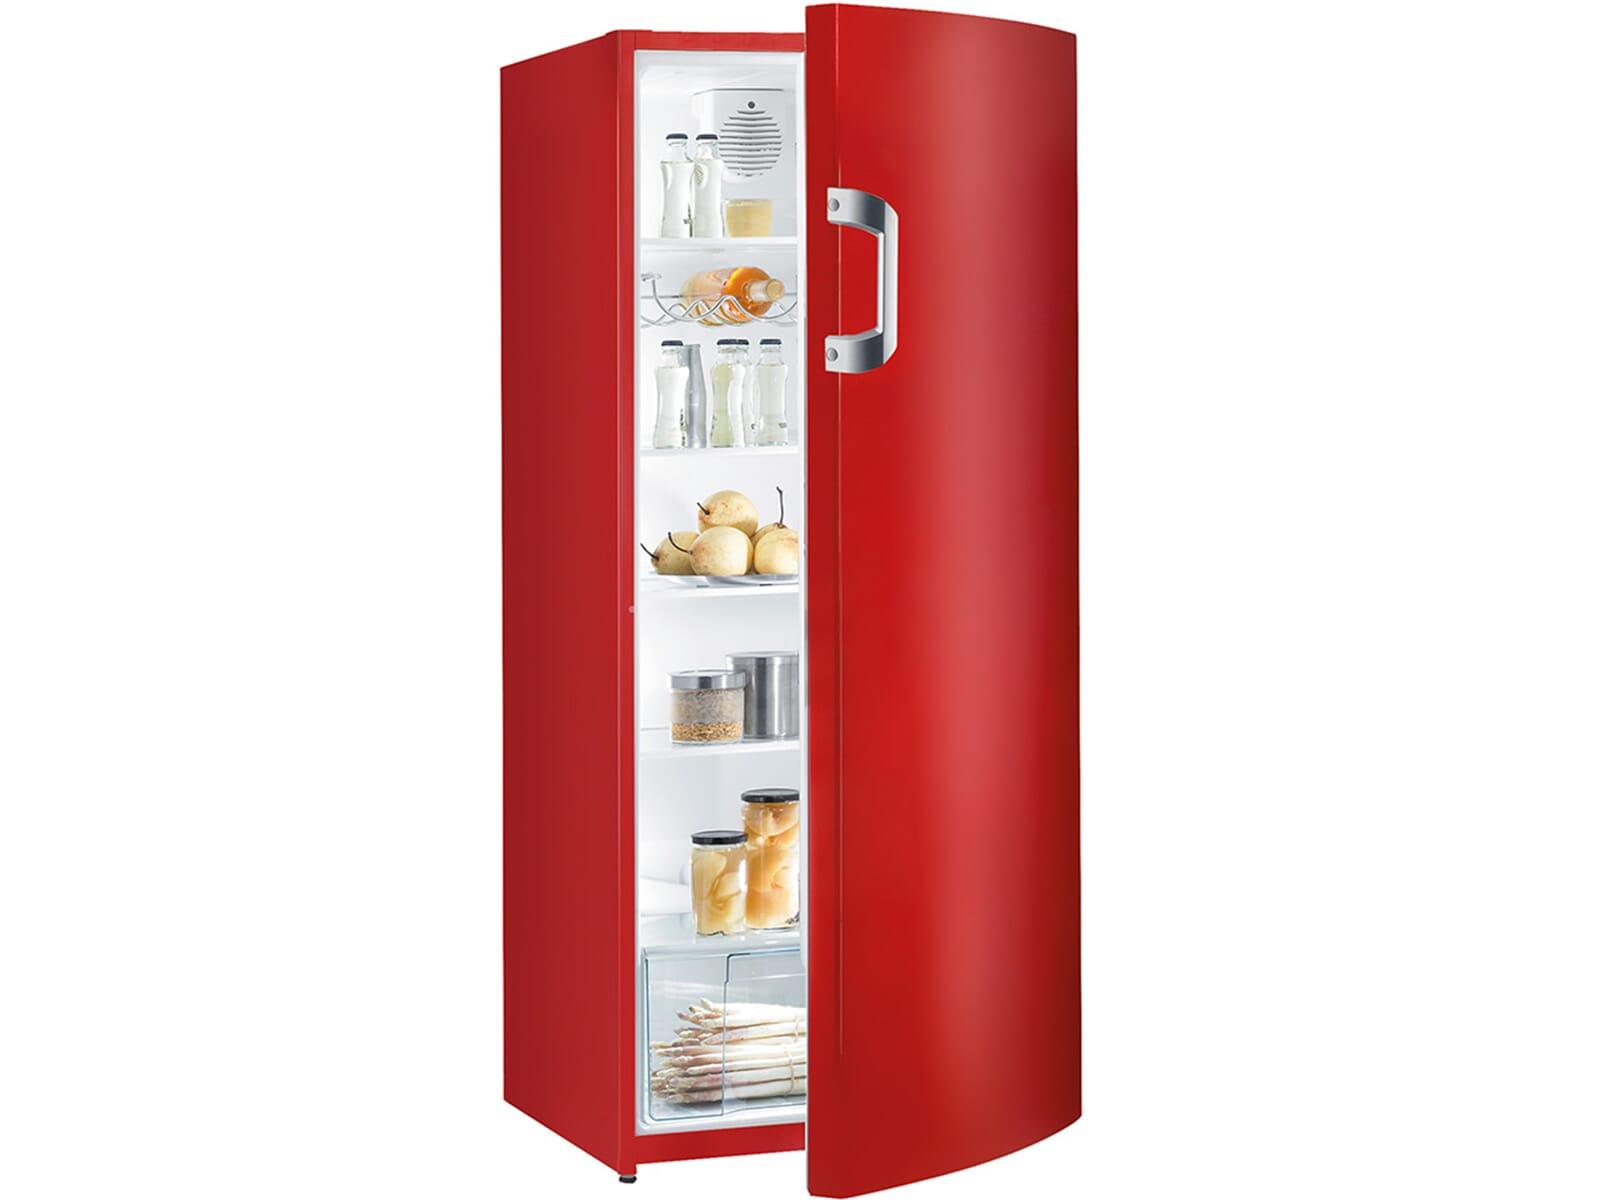 Kühlschrank Bei Aldi Süd : Kühlschrank angebot zekolkühlschrank hygiene sortiment von aldi